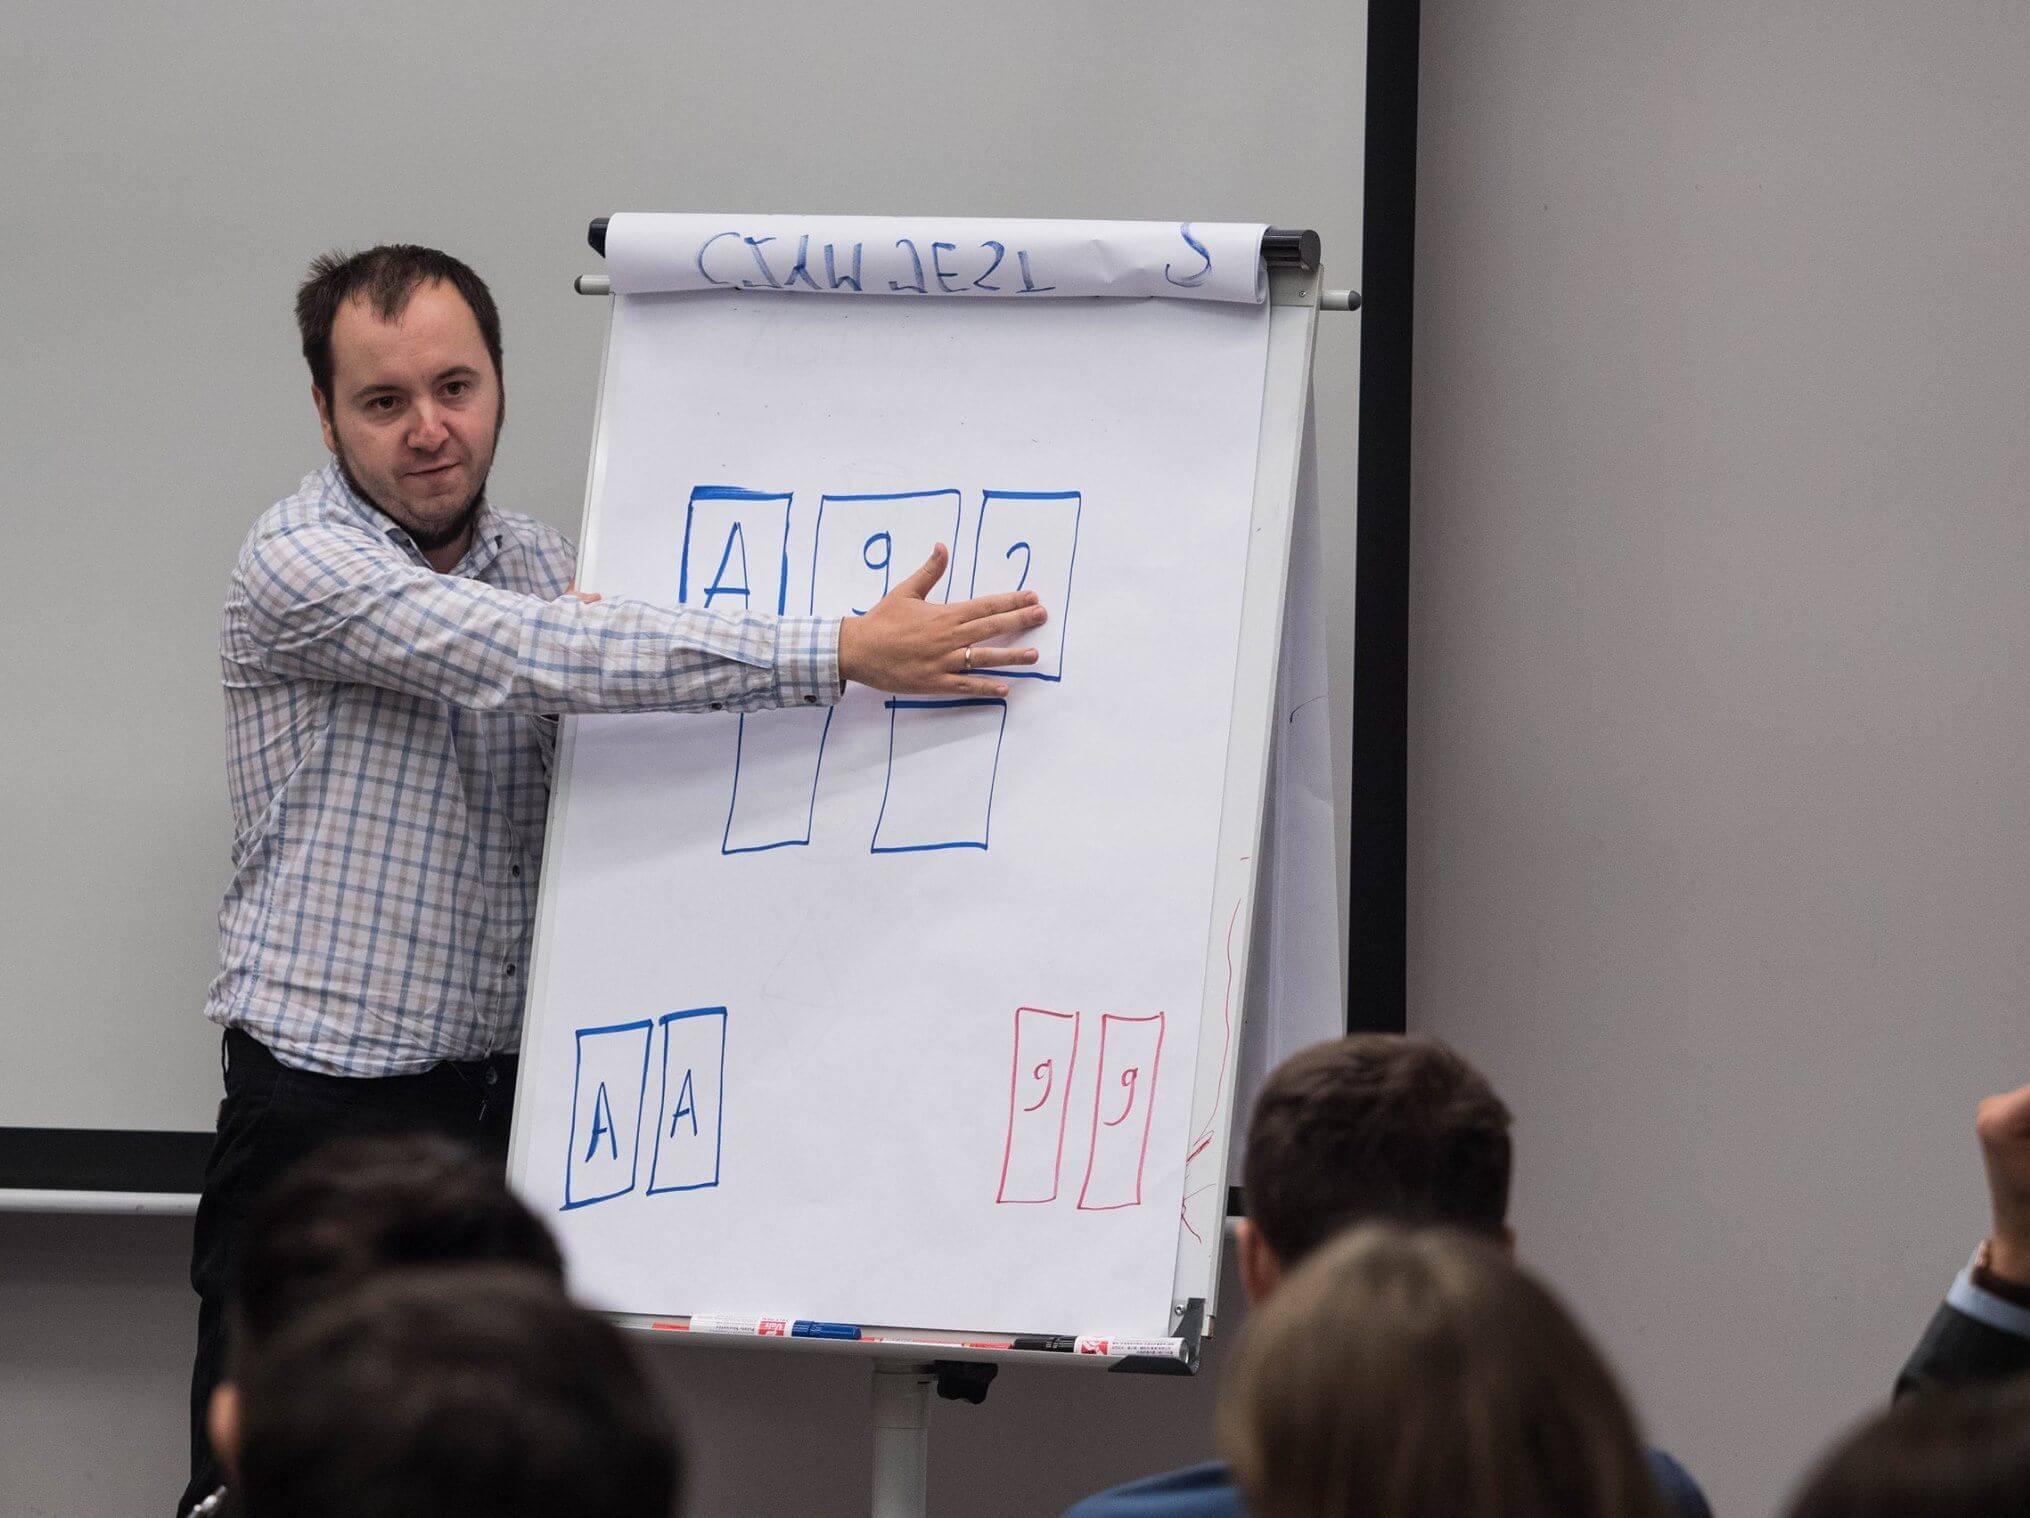 Uczymy się stosować proste rysunki i flipchart do ciekawego przekazywania informacji